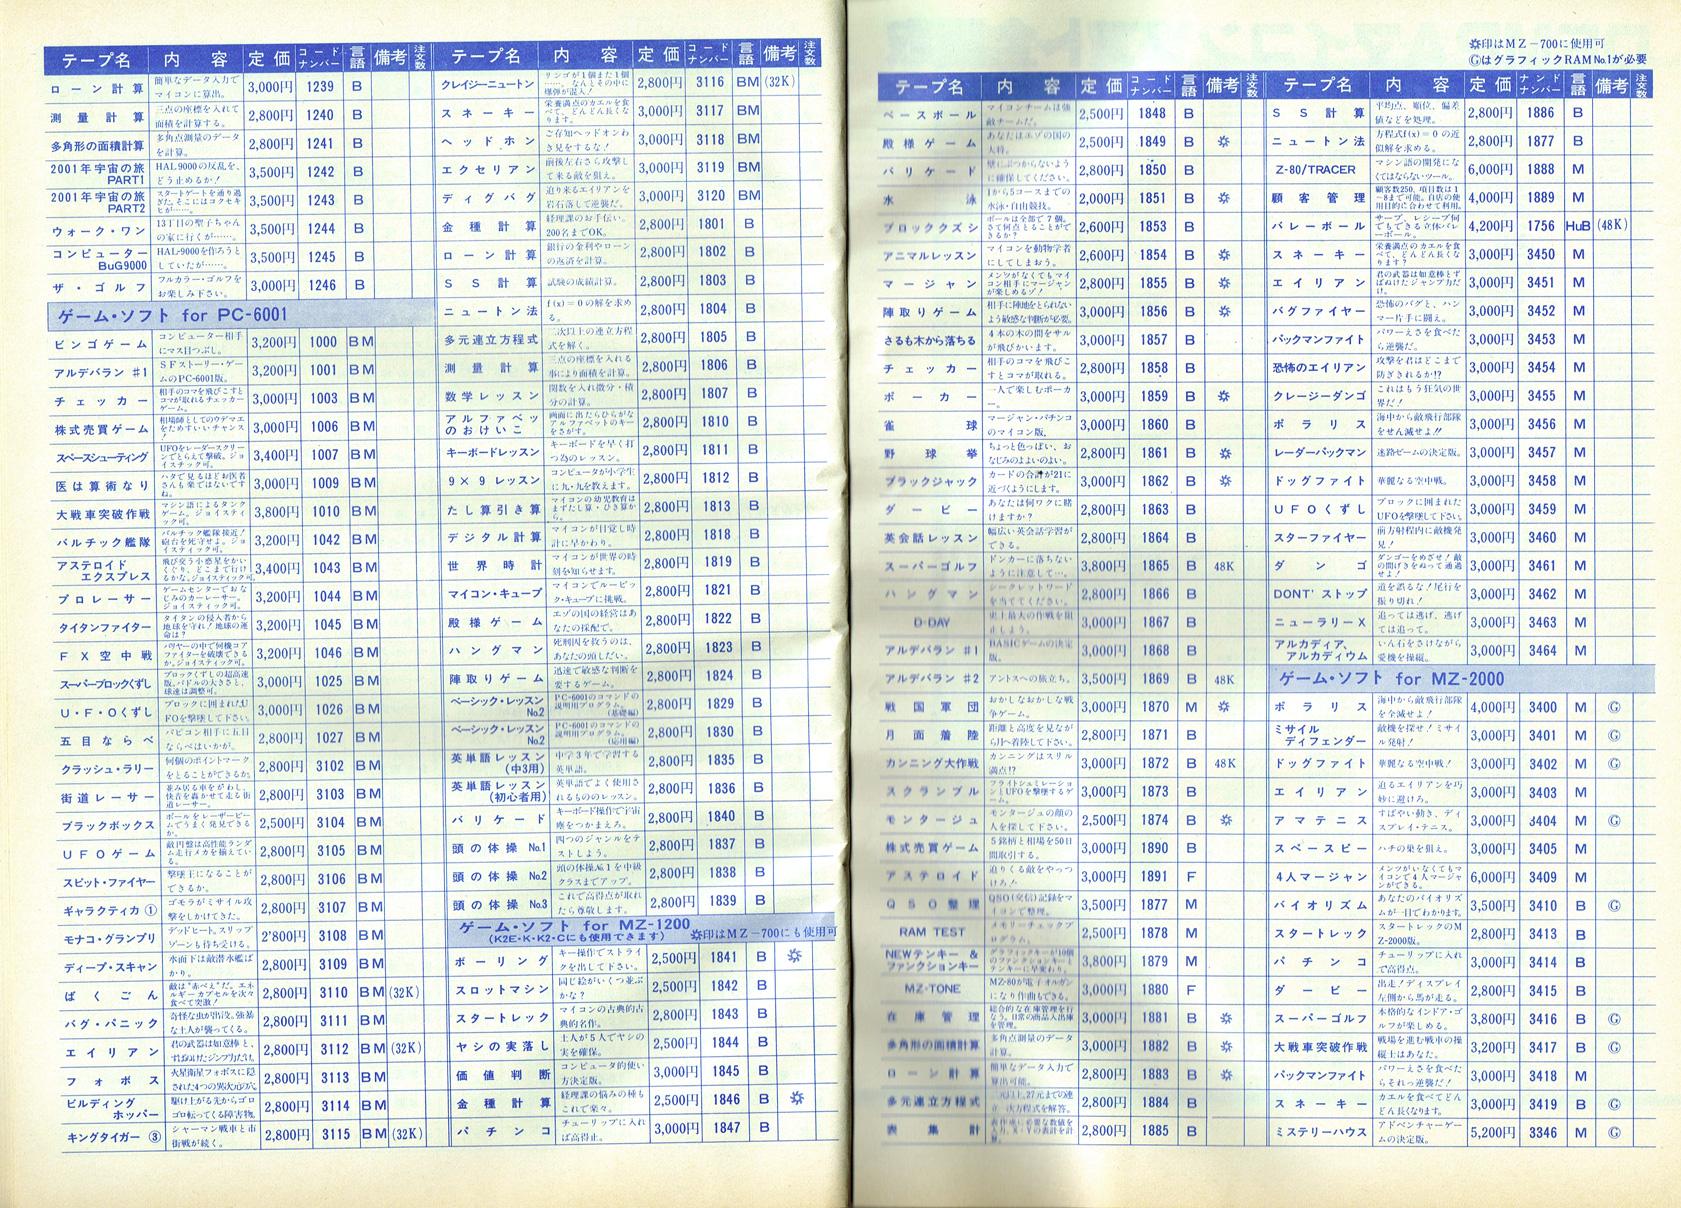 この時代のハドソンソフトが出していたMZシリーズ向けソフトと、マイコンソフトのPC-6001やMZシリーズ向けタイトルが並んでいる広告ページ。これら一覧にあるソフトを、テープに保存して通信販売していた。